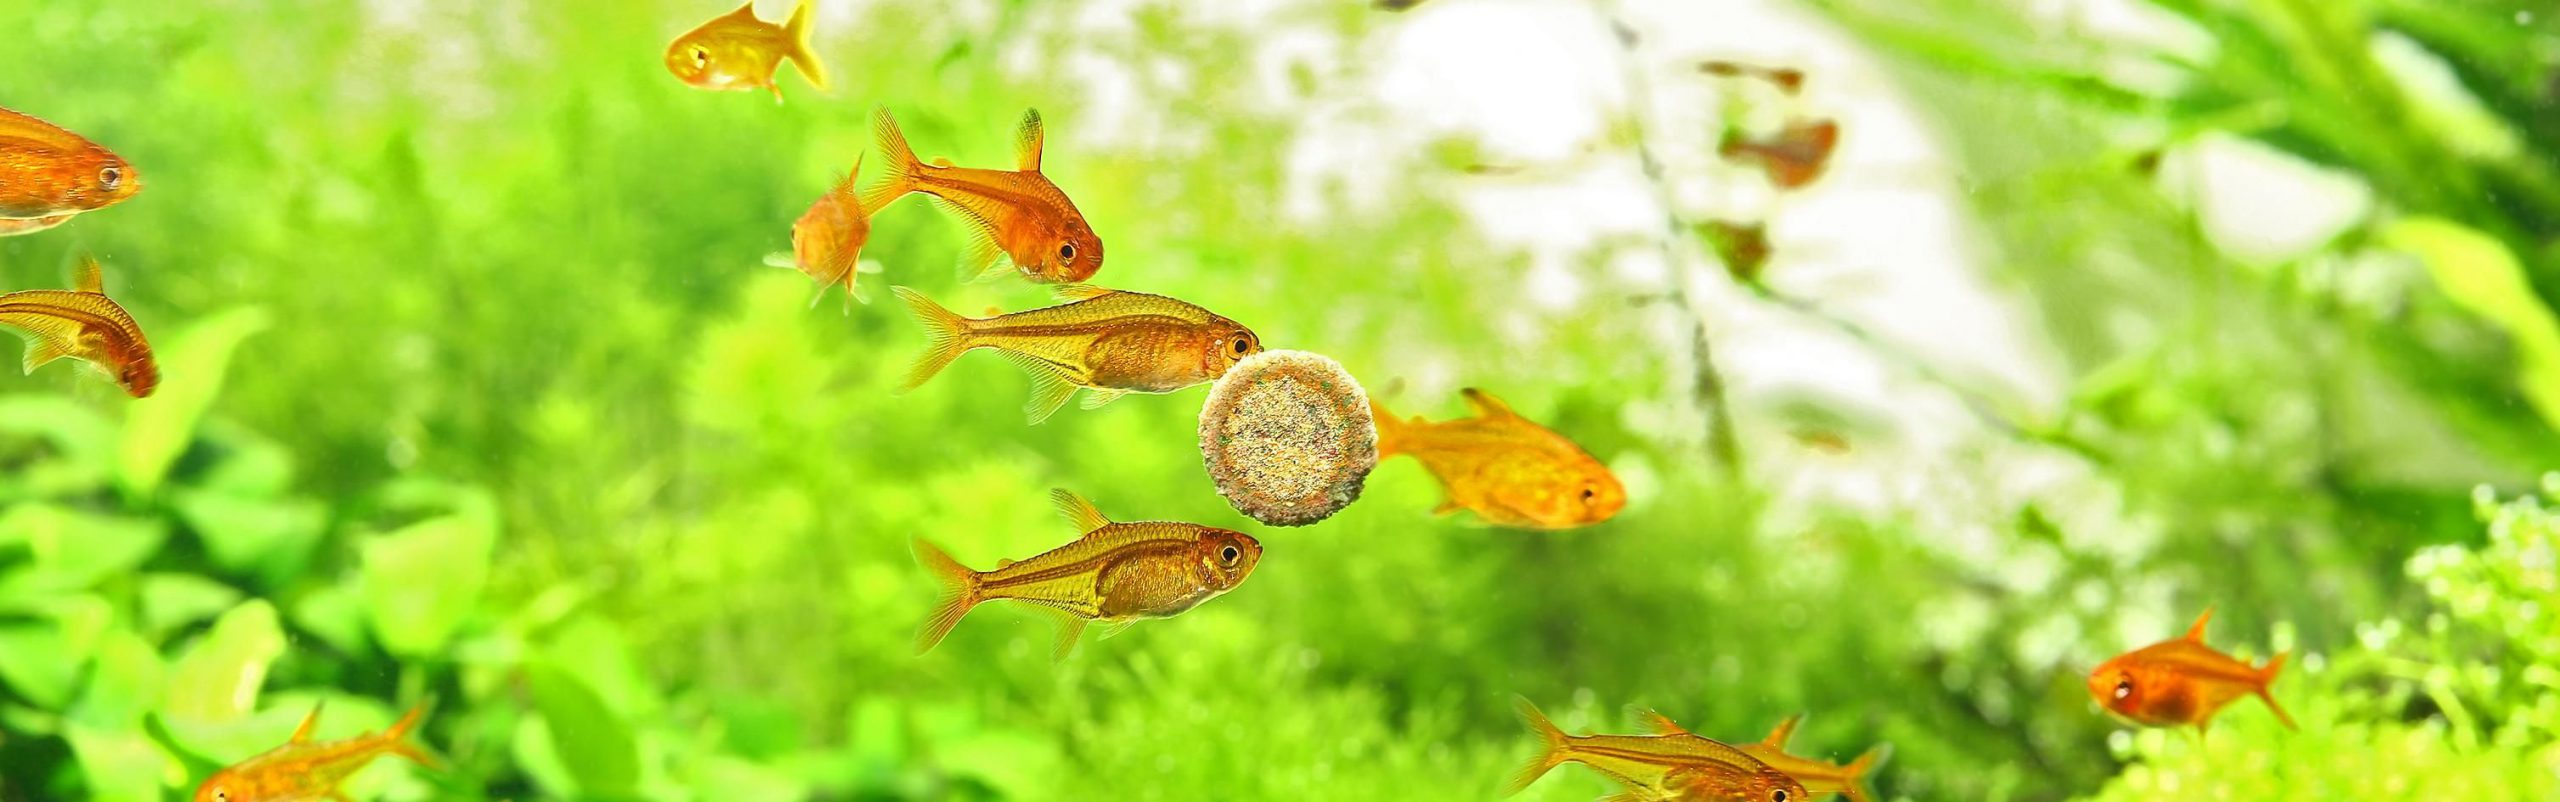 کیفیت بالای غذای ماهی